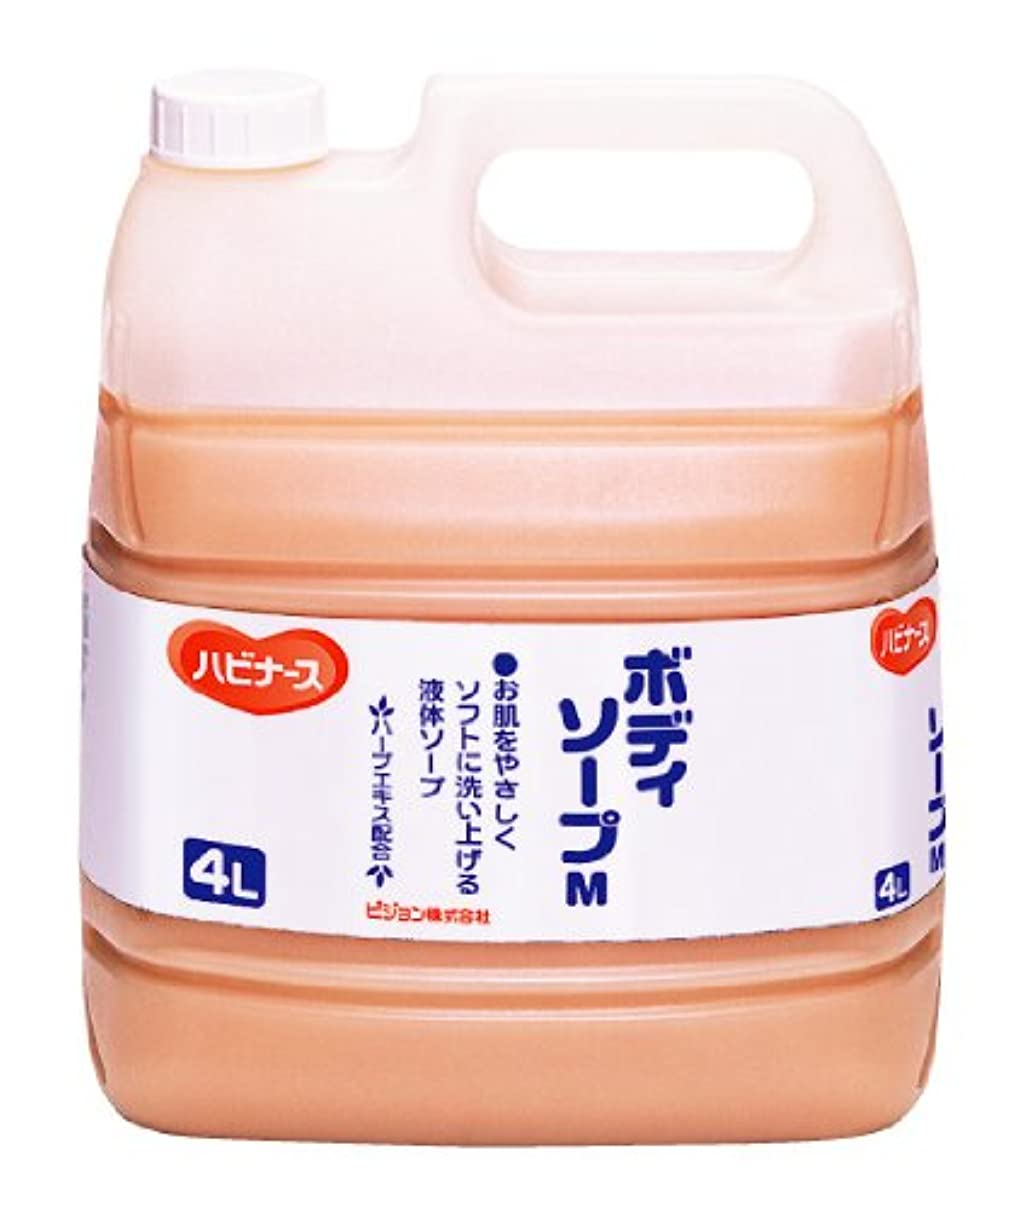 雇用ワーカー酸化物ハビナース ボディソープ 4L [業務用]